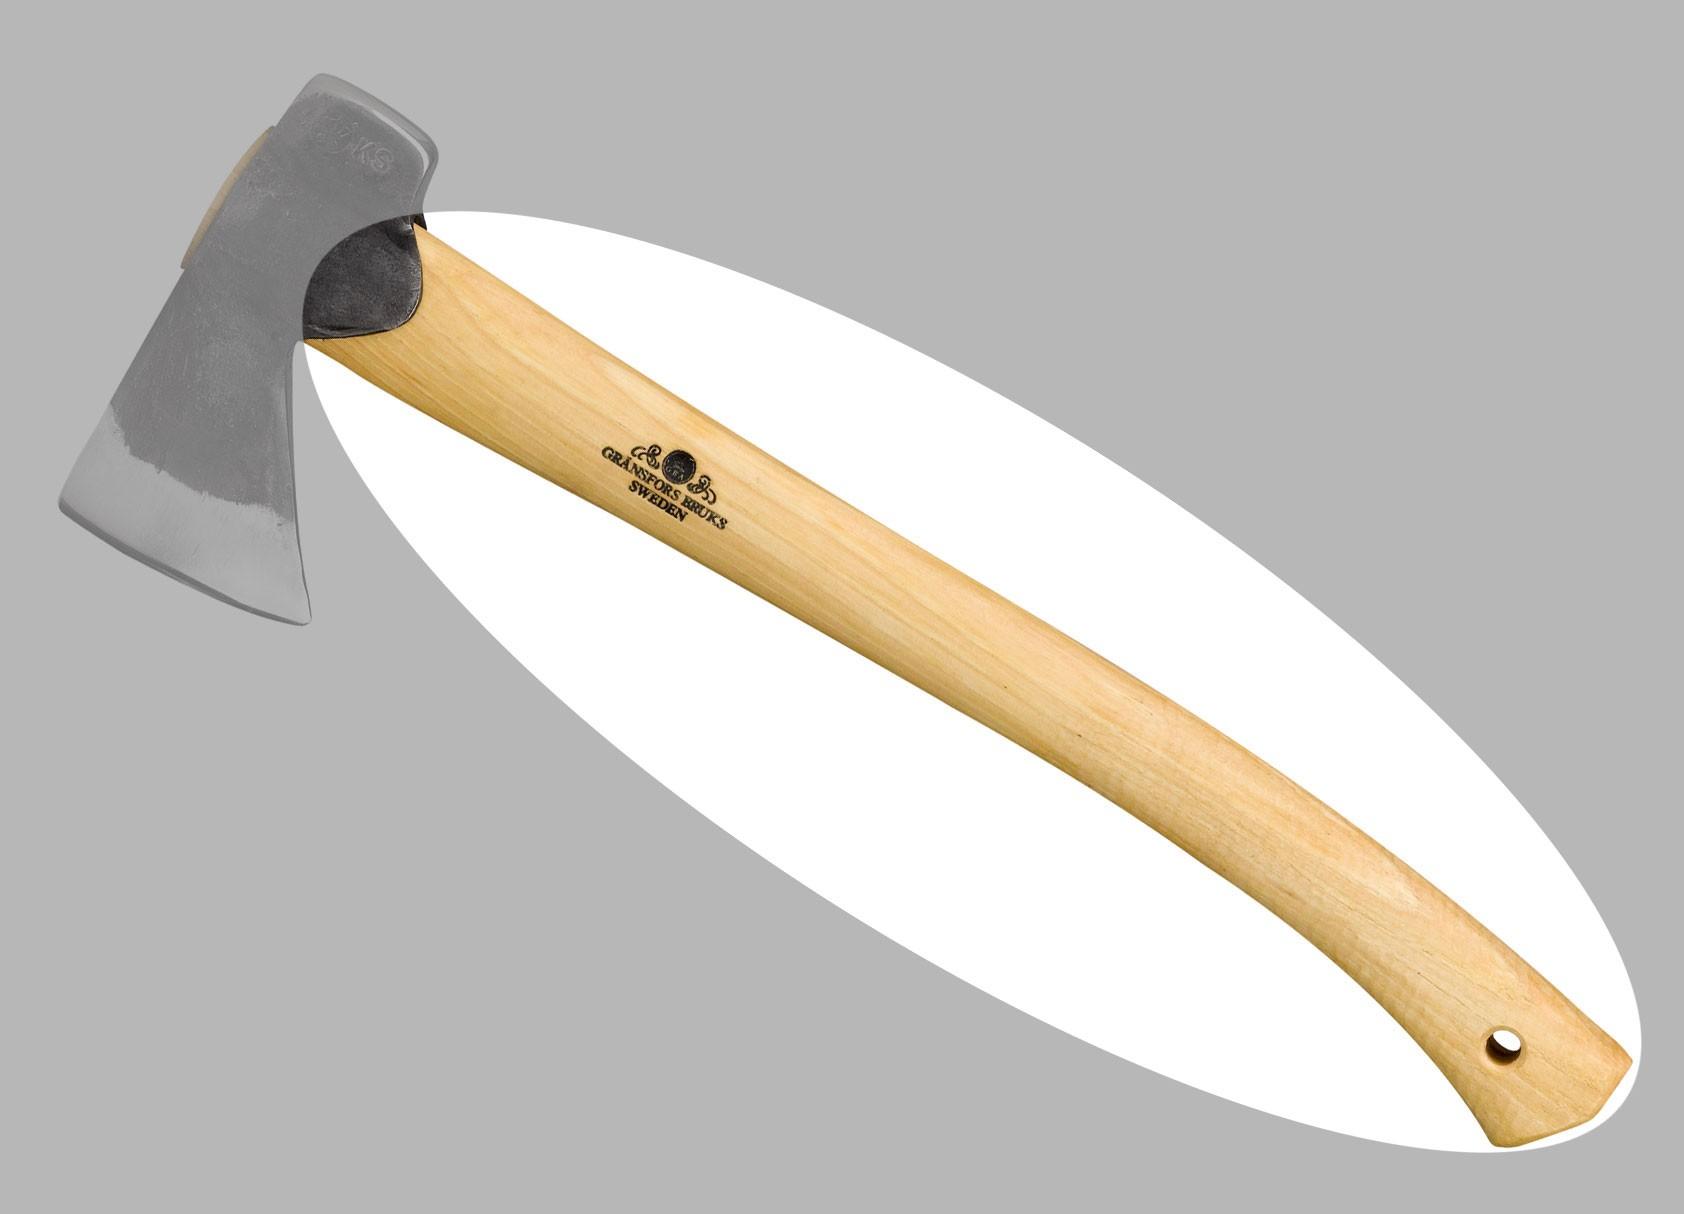 Ersatzstiel für Gränsfors Jägerbeil 20-304 48cm Bild 1